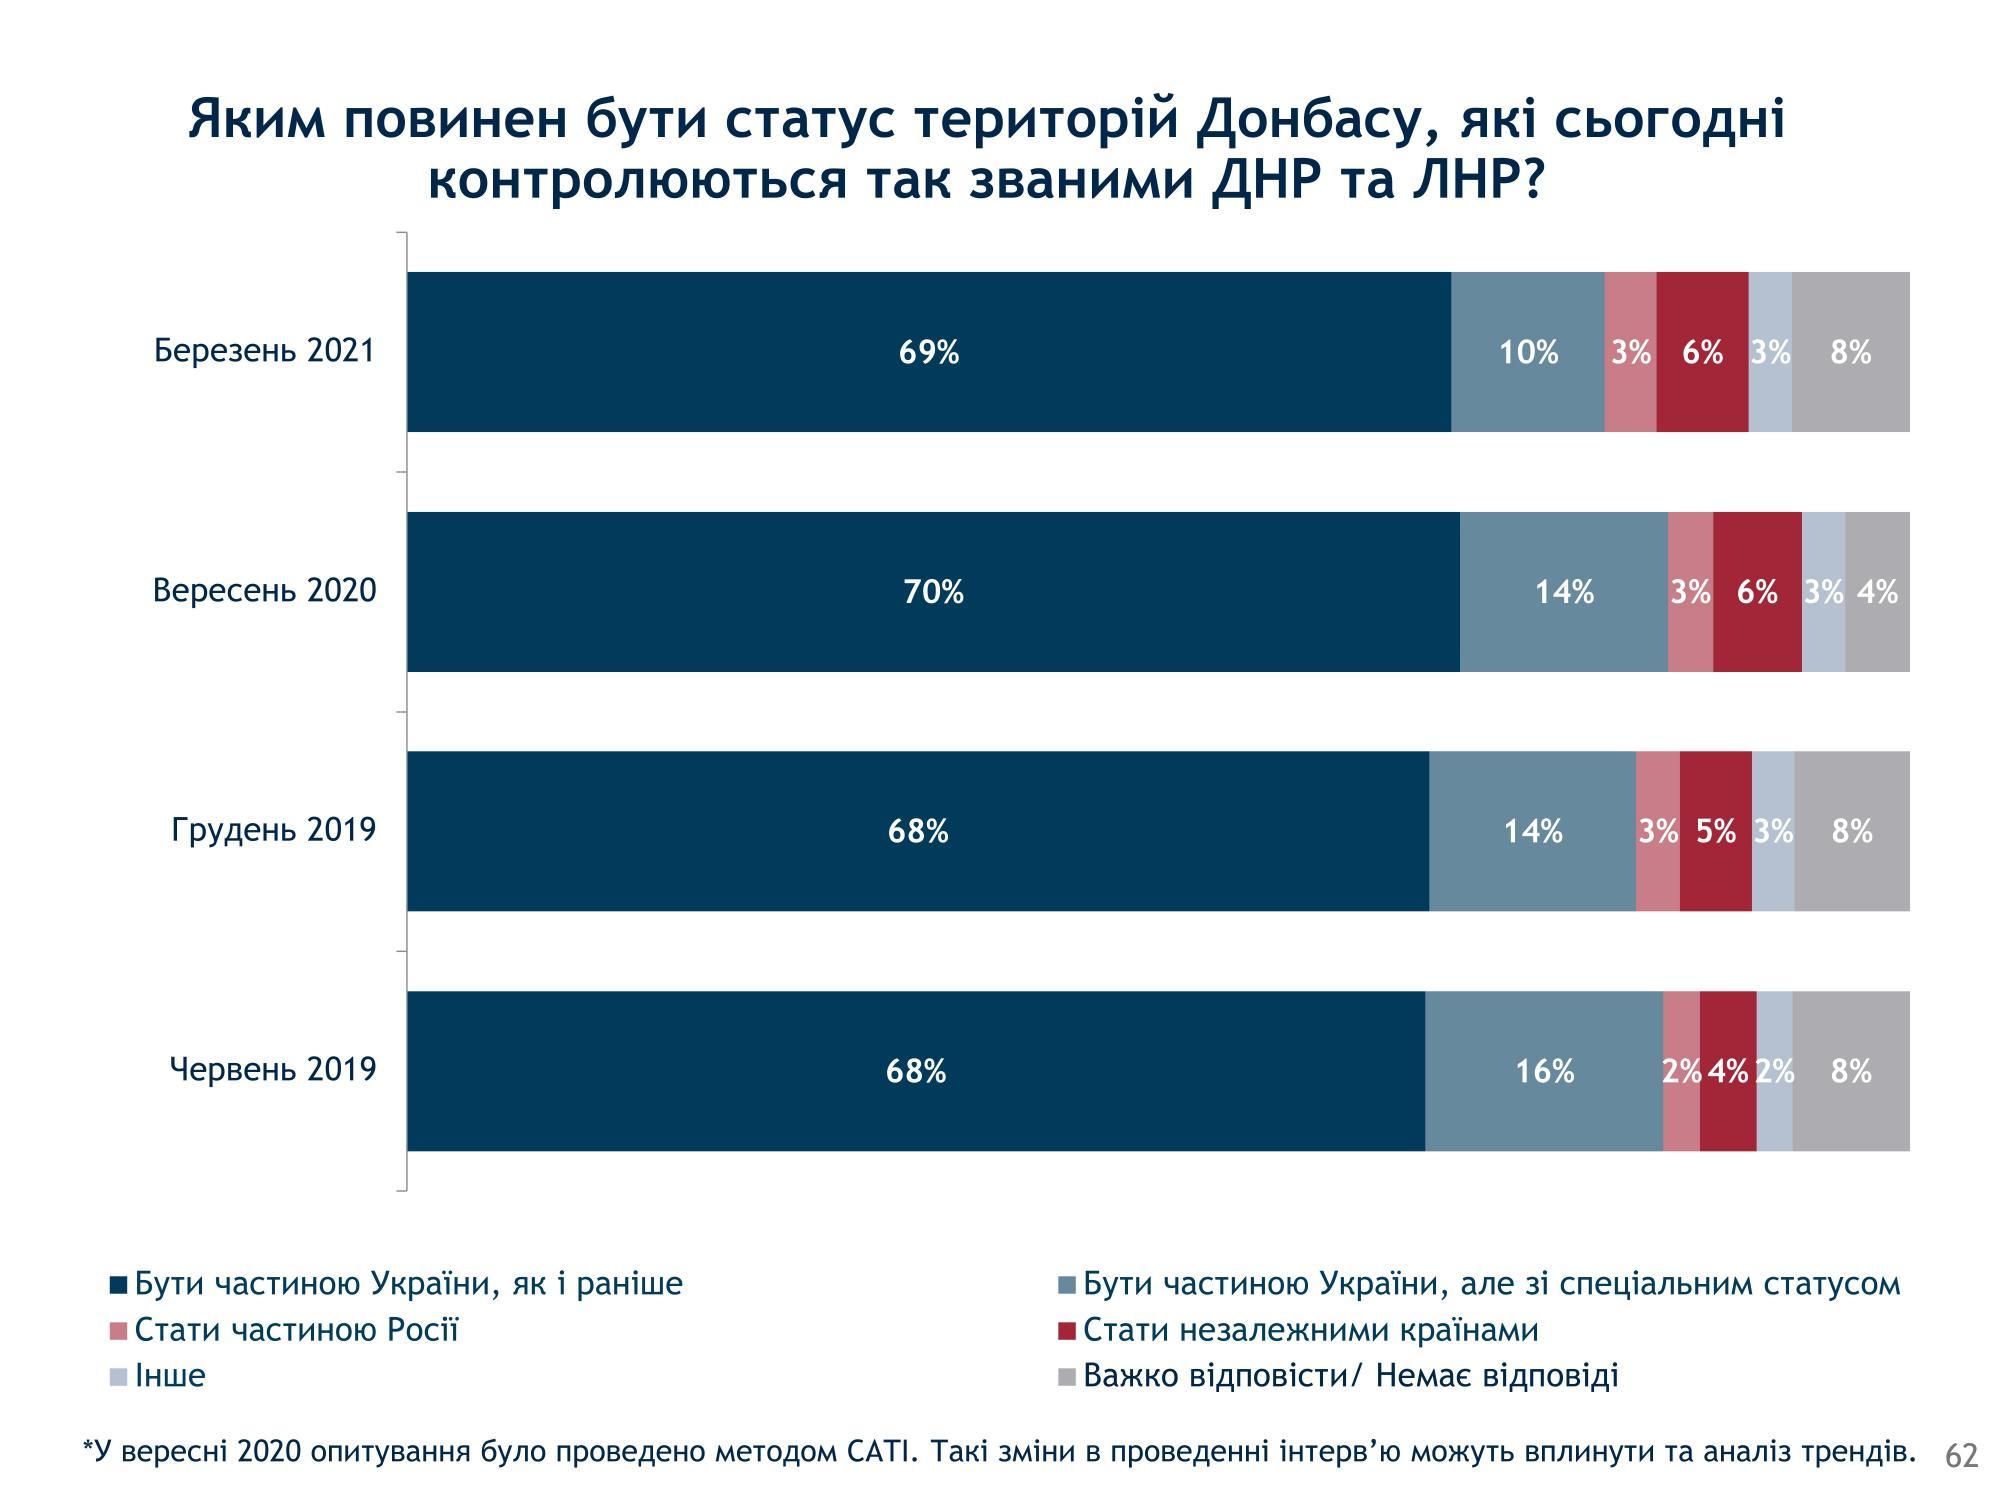 Як українці бачать майбутнє Криму та Донбасу після деокупації: дані опитування